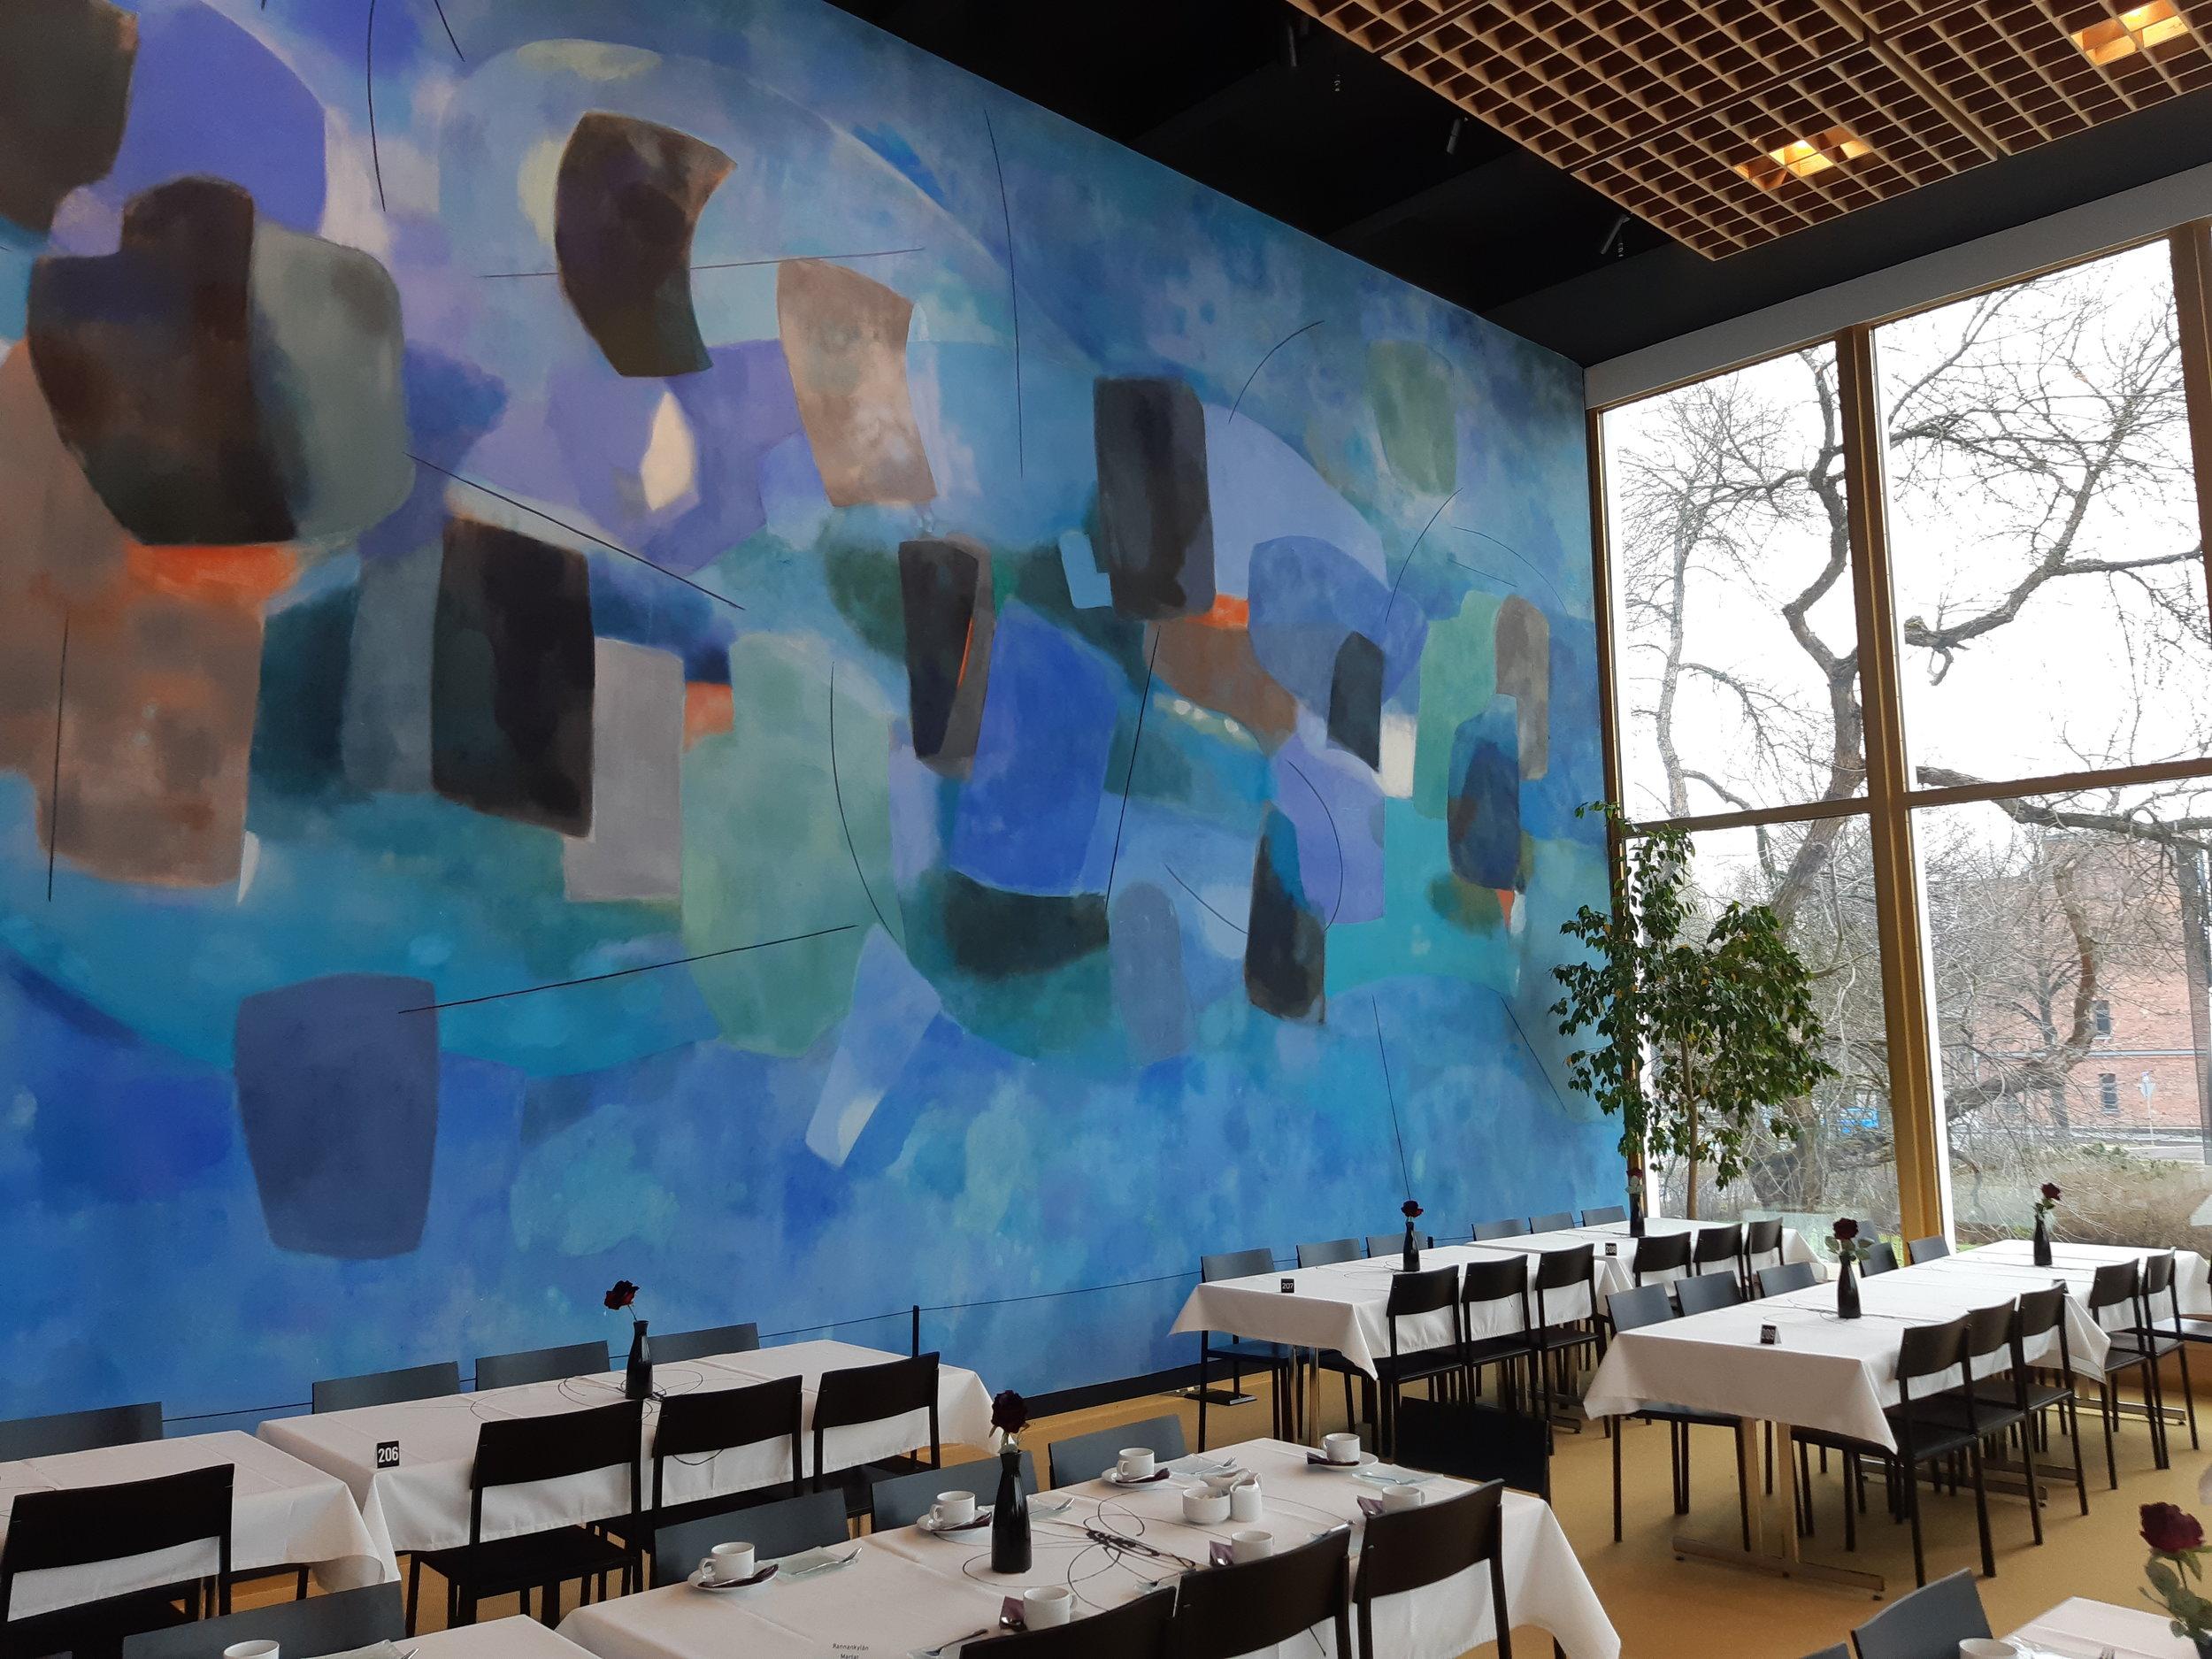 Taidegraafikko ja taidemaalari  Lauri Ahlgrénin  secco, kuivalle kalkkilaastipinnalle tehty seinämaalaus koristaa Kuopion kaupunginteatterin ravintolaa.  Yhtäaikaisia tapahtumia sinisessä tasossa  on vuodelta 1963.